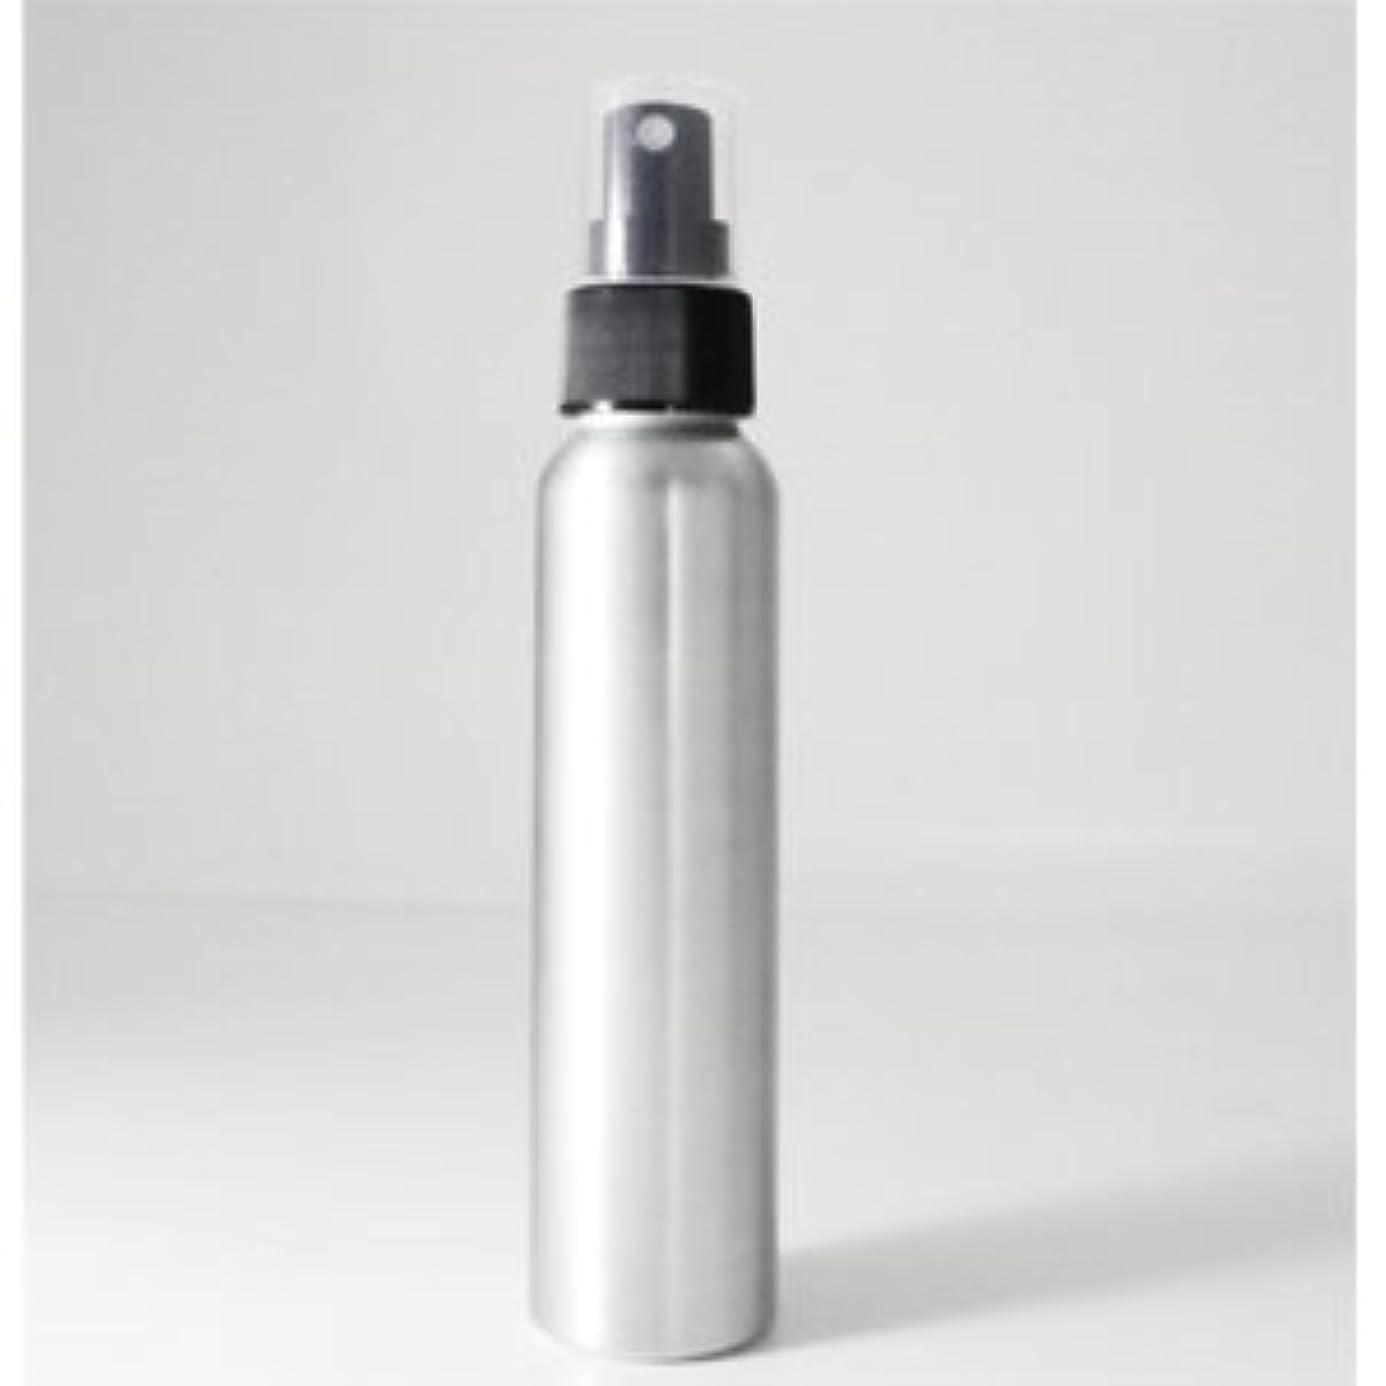 ブロック怒るレプリカアルミボトル スプレー容器 化粧品容器 100ml